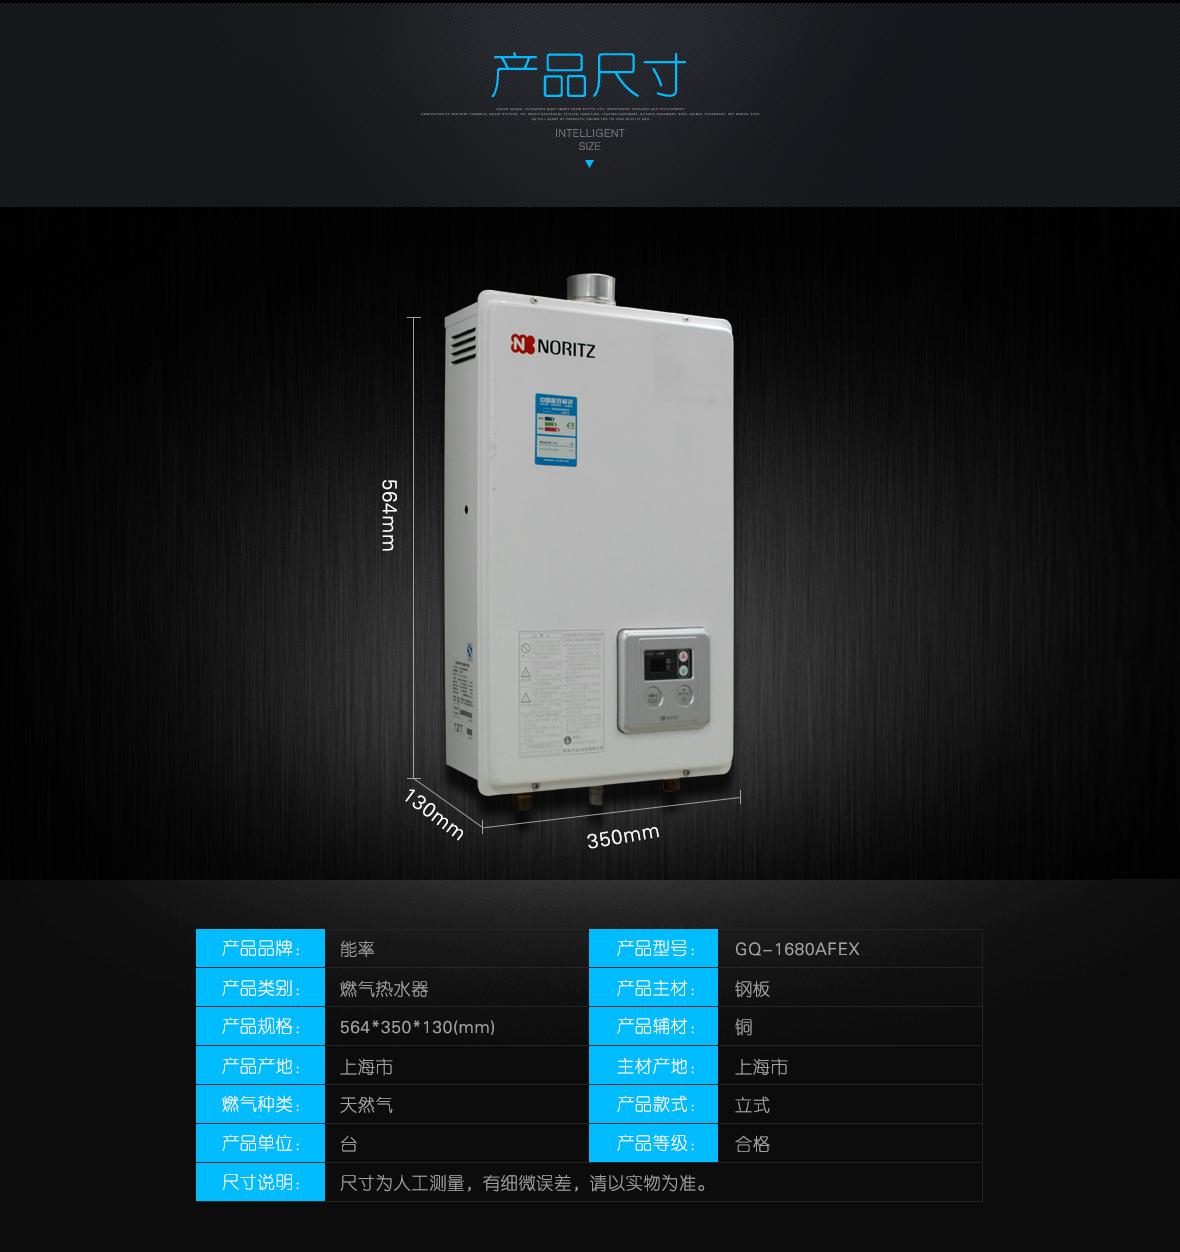 桑越海电器 NORITZ/能率GQ-1680AFEX热水器 规格尺寸